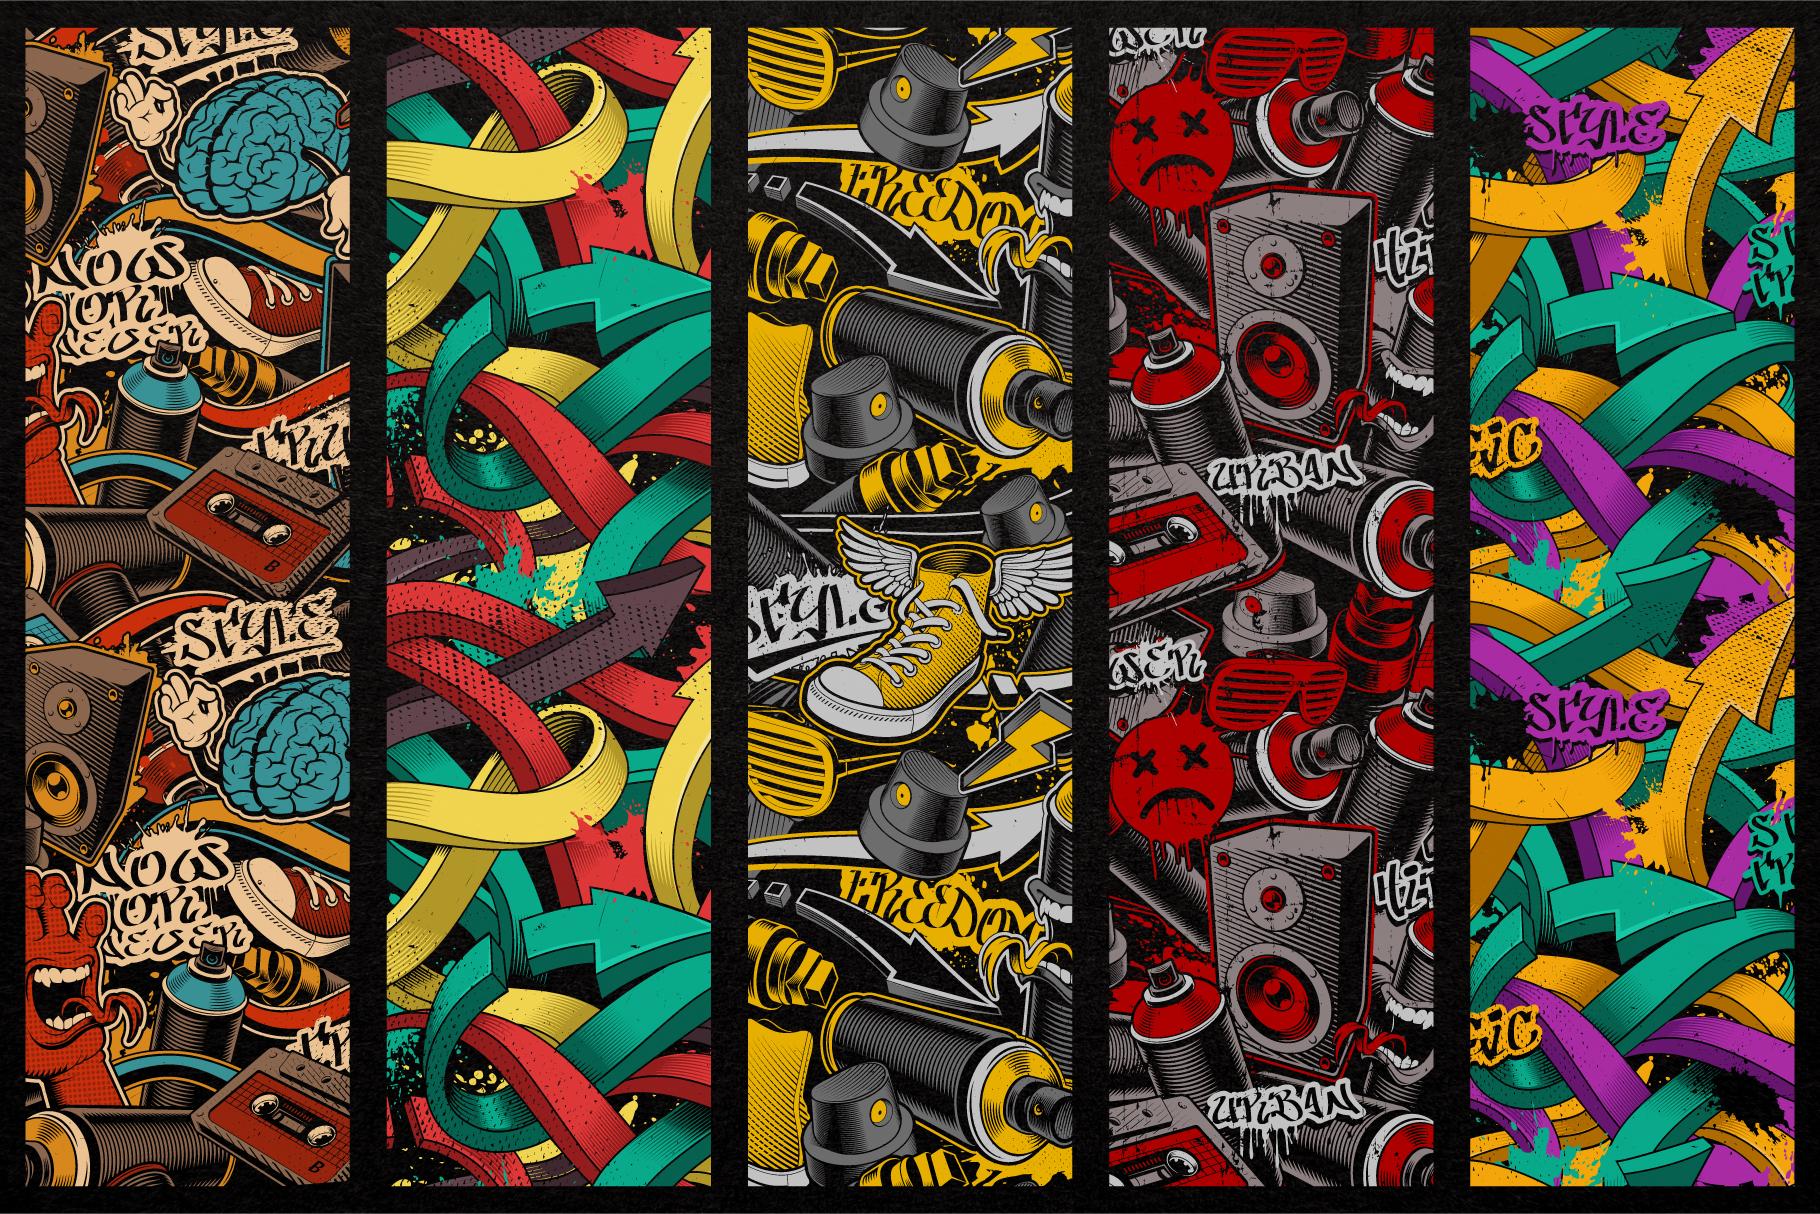 Graffiti Seamless Patterns example image 2